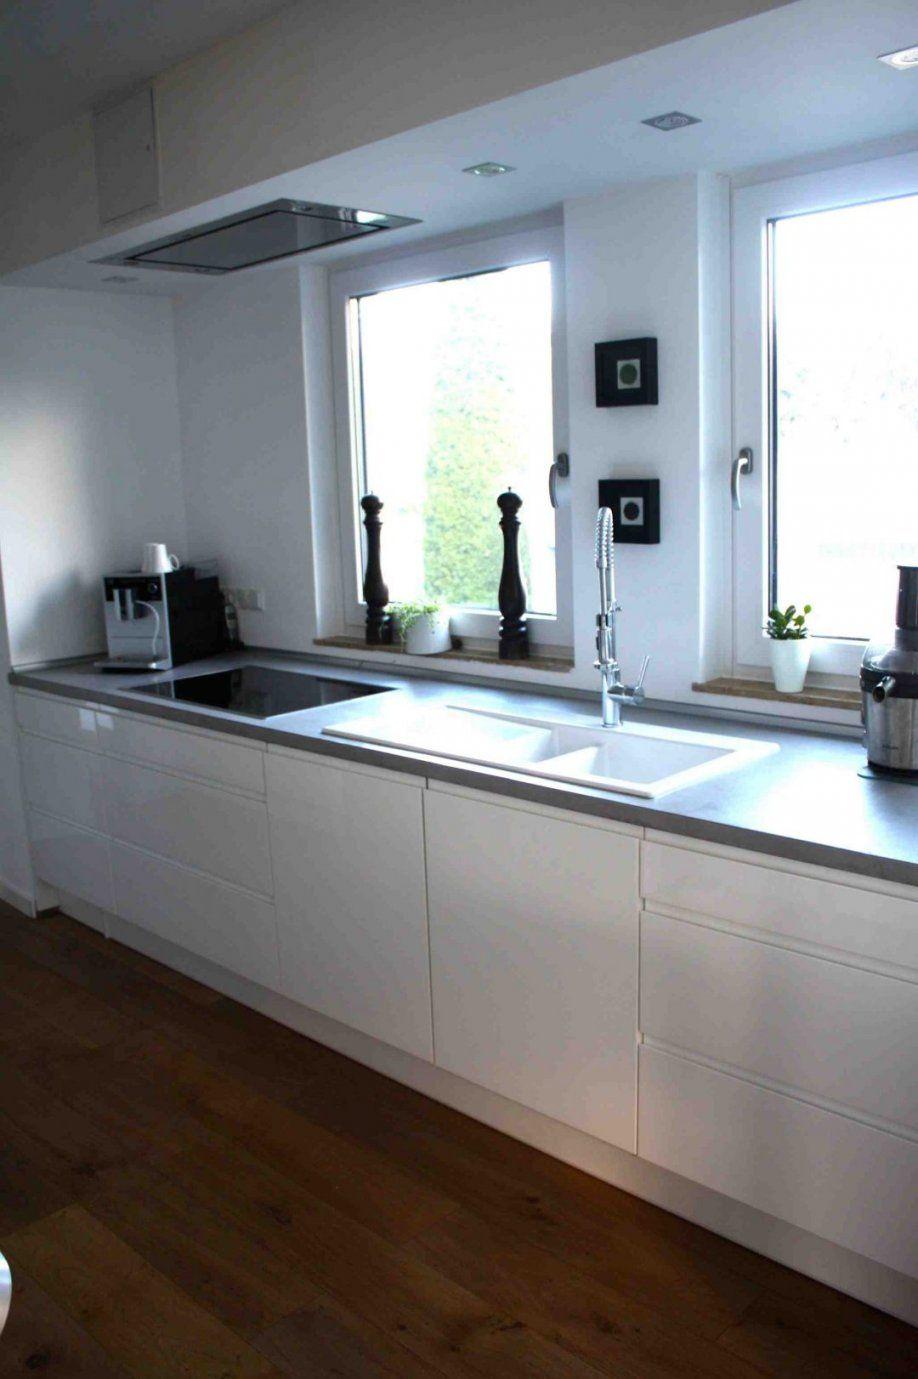 Beton Ciré Hä  Küchenarbeitsplatte In Betonoptik  Mimimia  Diy von Beton Cire Arbeitsplatte Selber Machen Photo